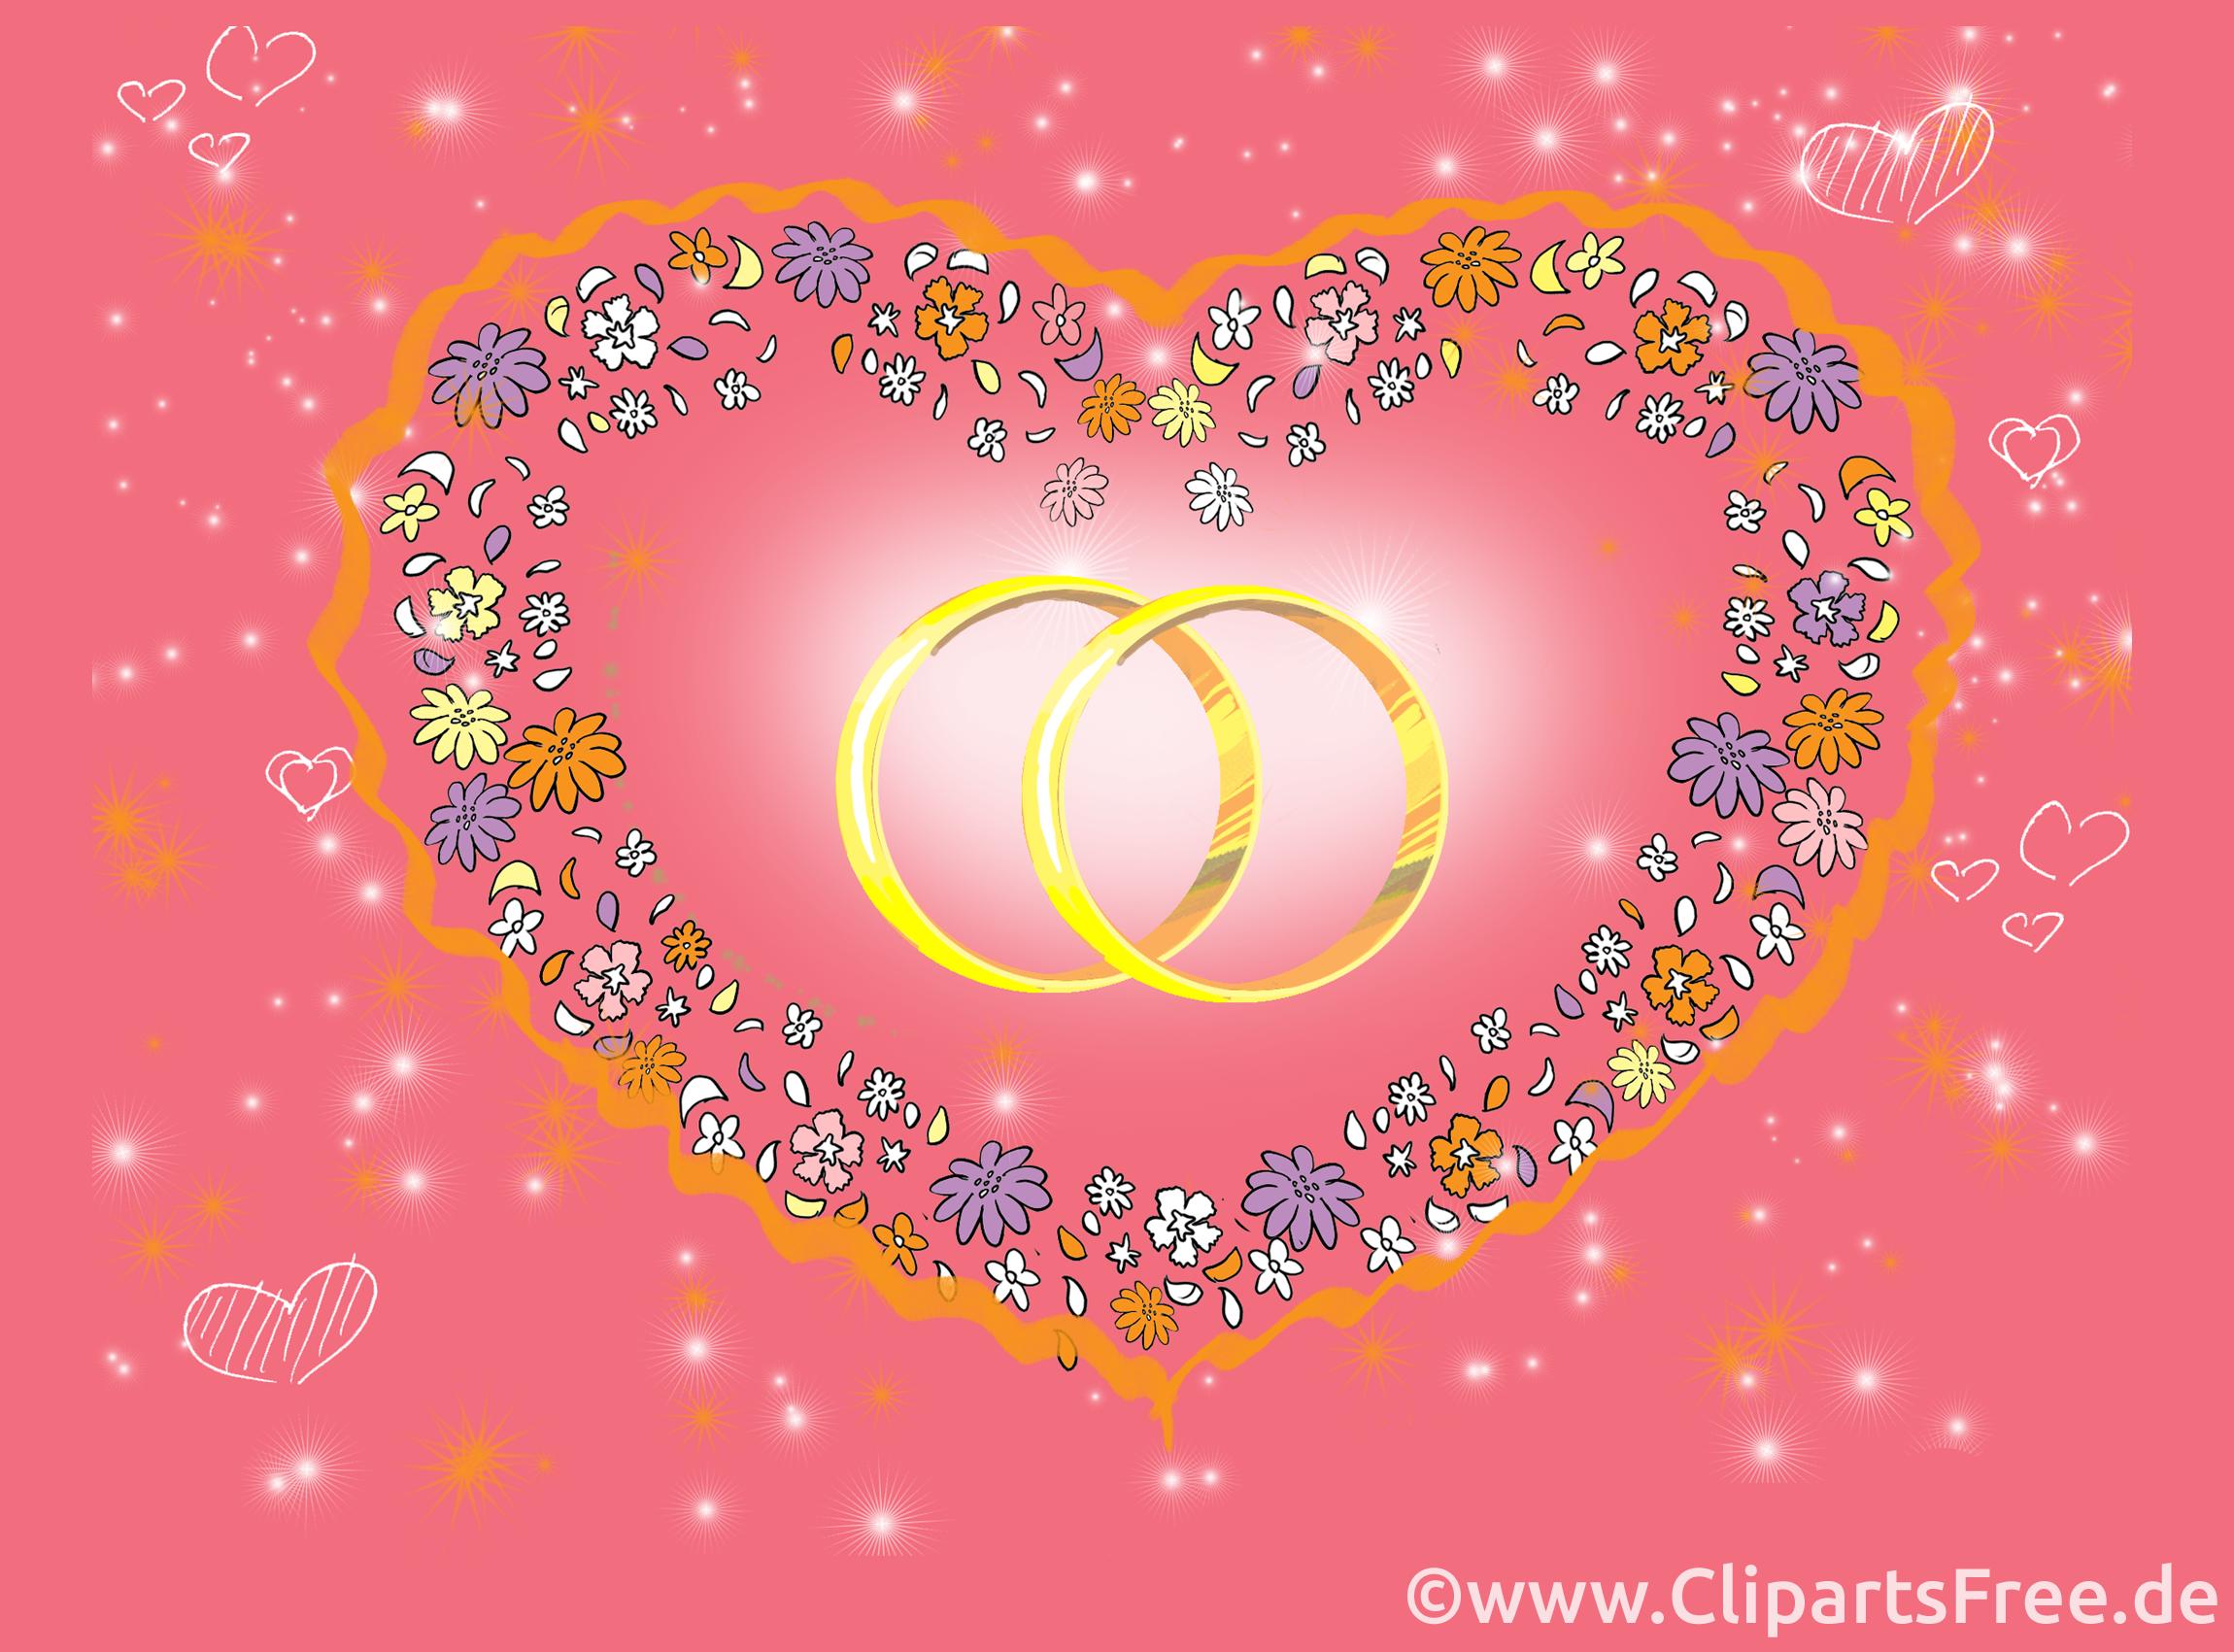 Coeur images gratuites mariage clipart mariage dessin - Image de coeur gratuit ...